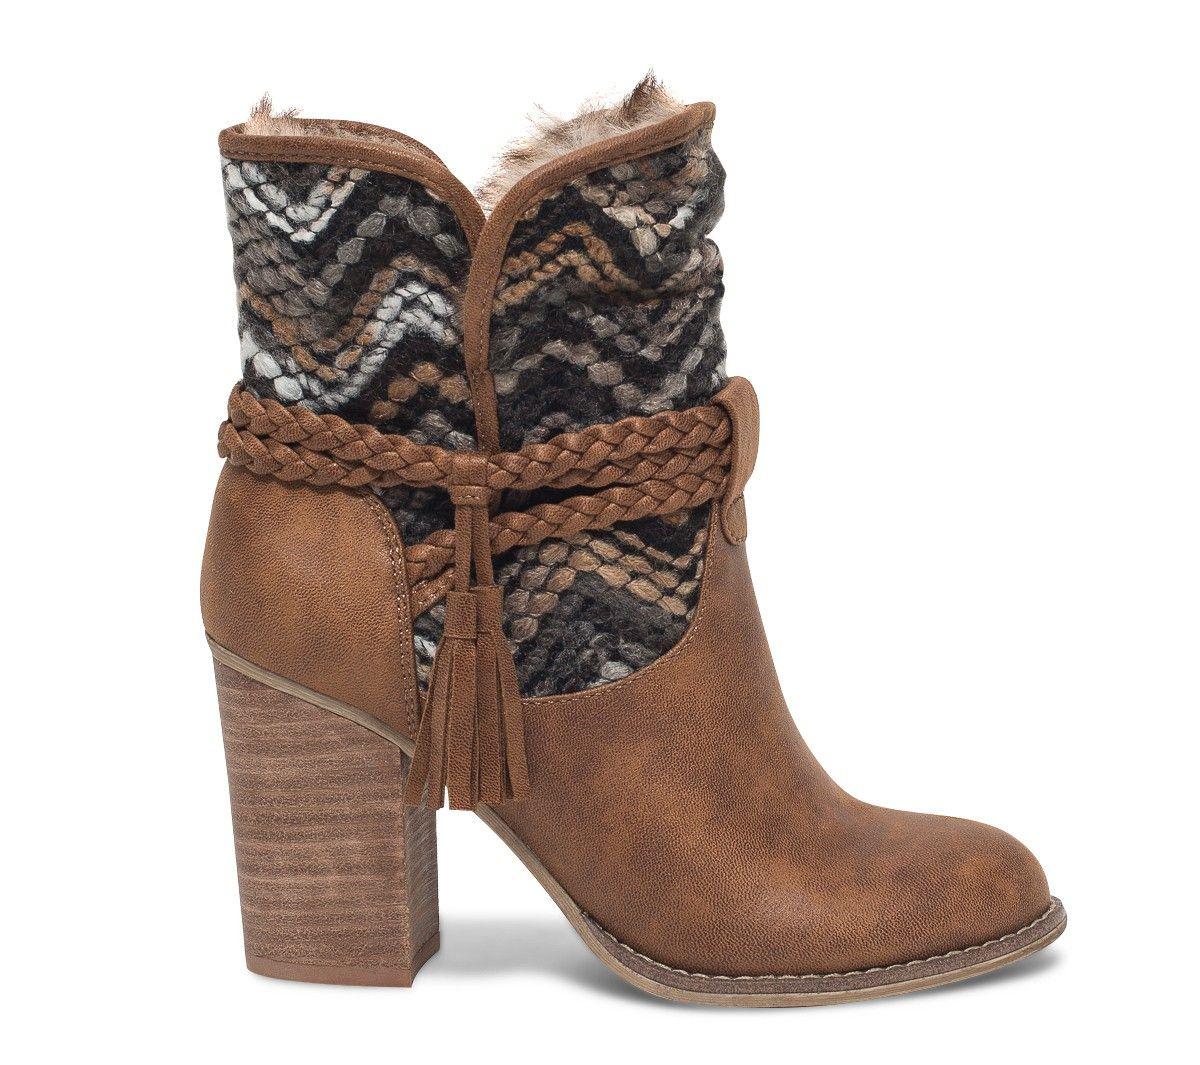 esprit folk vident pour ce boots marron talon haut sa tige montante est r hauss e de maille. Black Bedroom Furniture Sets. Home Design Ideas